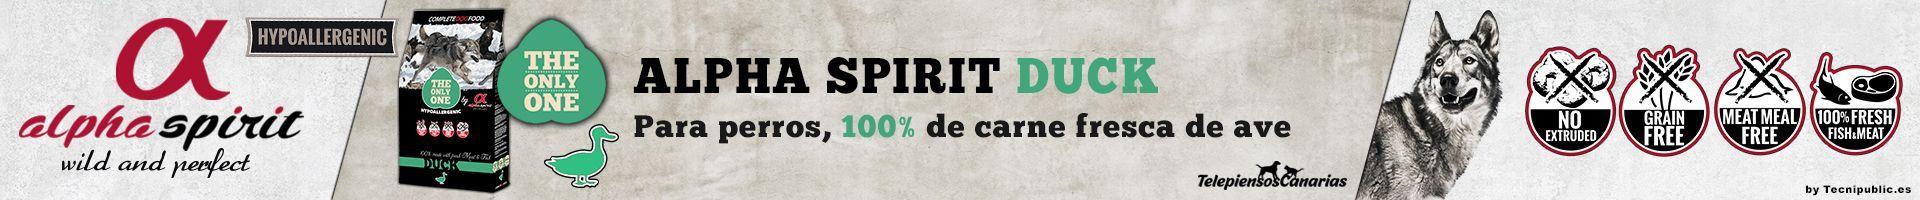 Alpha Spirit duck, pienso para perros con 45% pato, 30% pavo y 25% pollo